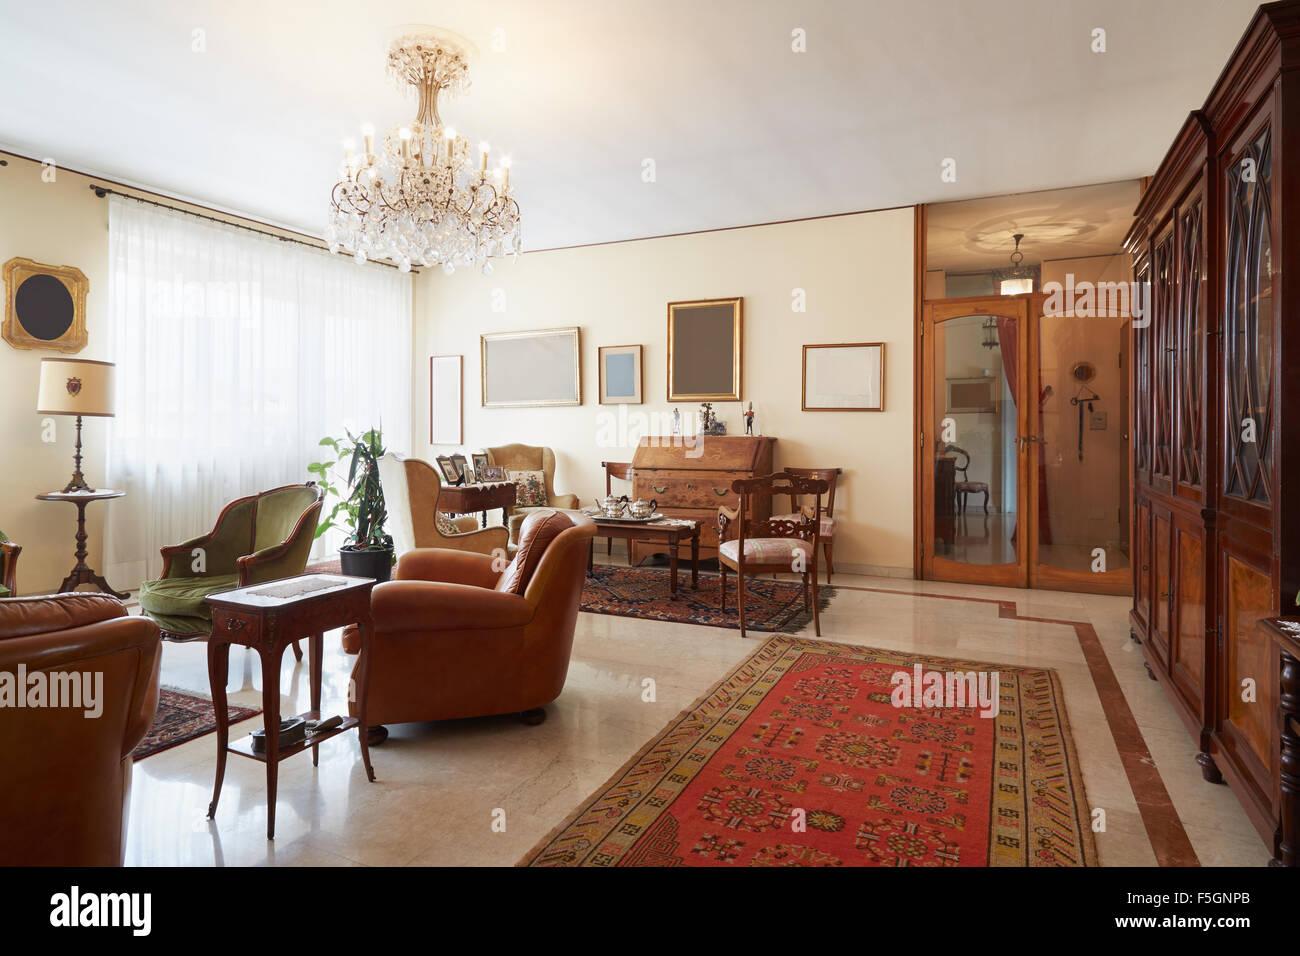 Wohnzimmer, klassische italienische Einrichtung mit ...